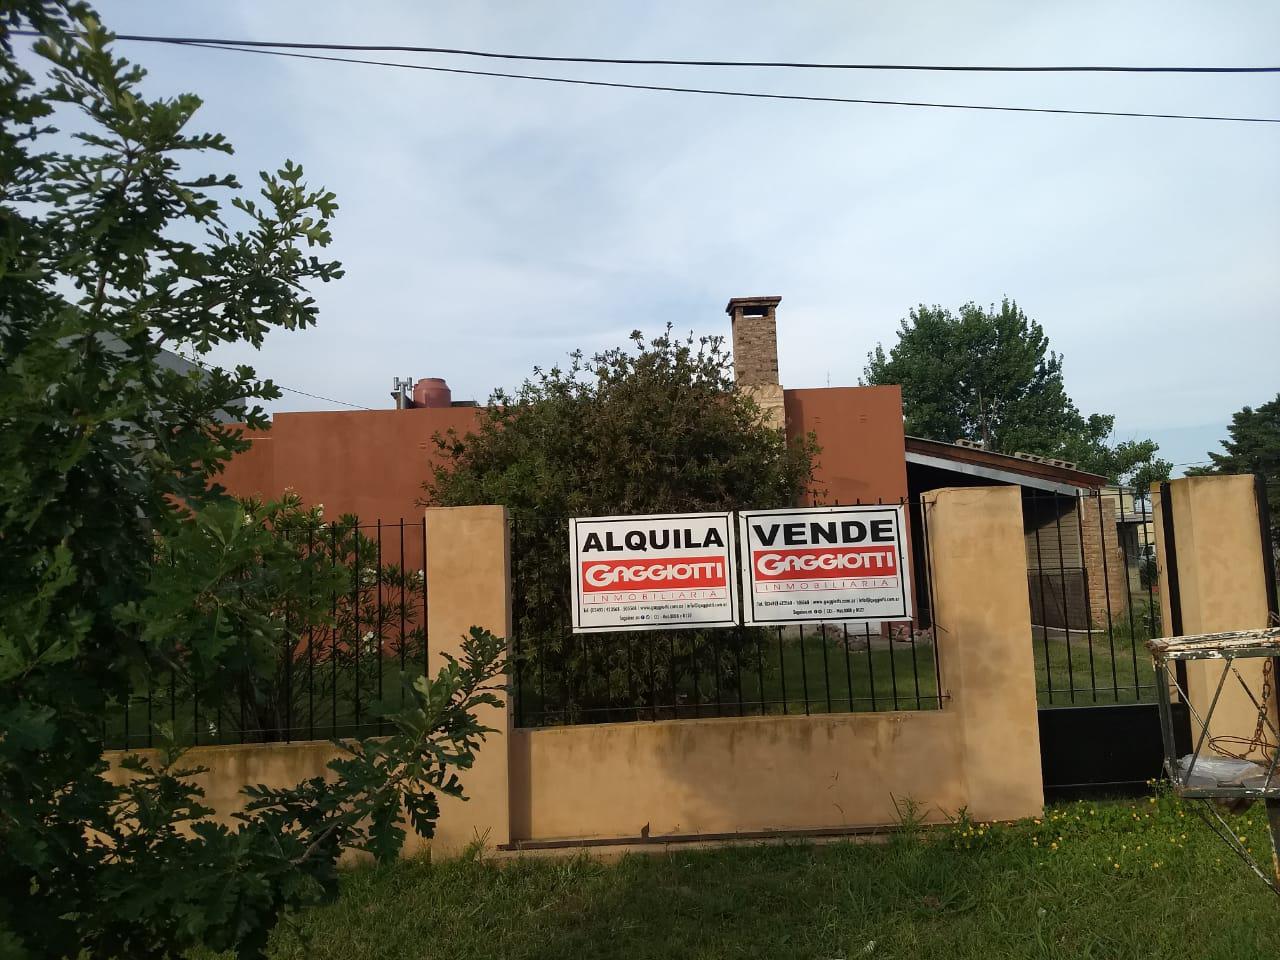 Córdoba 455 - Gaggiotti Inmobiliaria cuenta con más de 50 años desde que se inicio en el negocio de los servicios inmobiliarios.